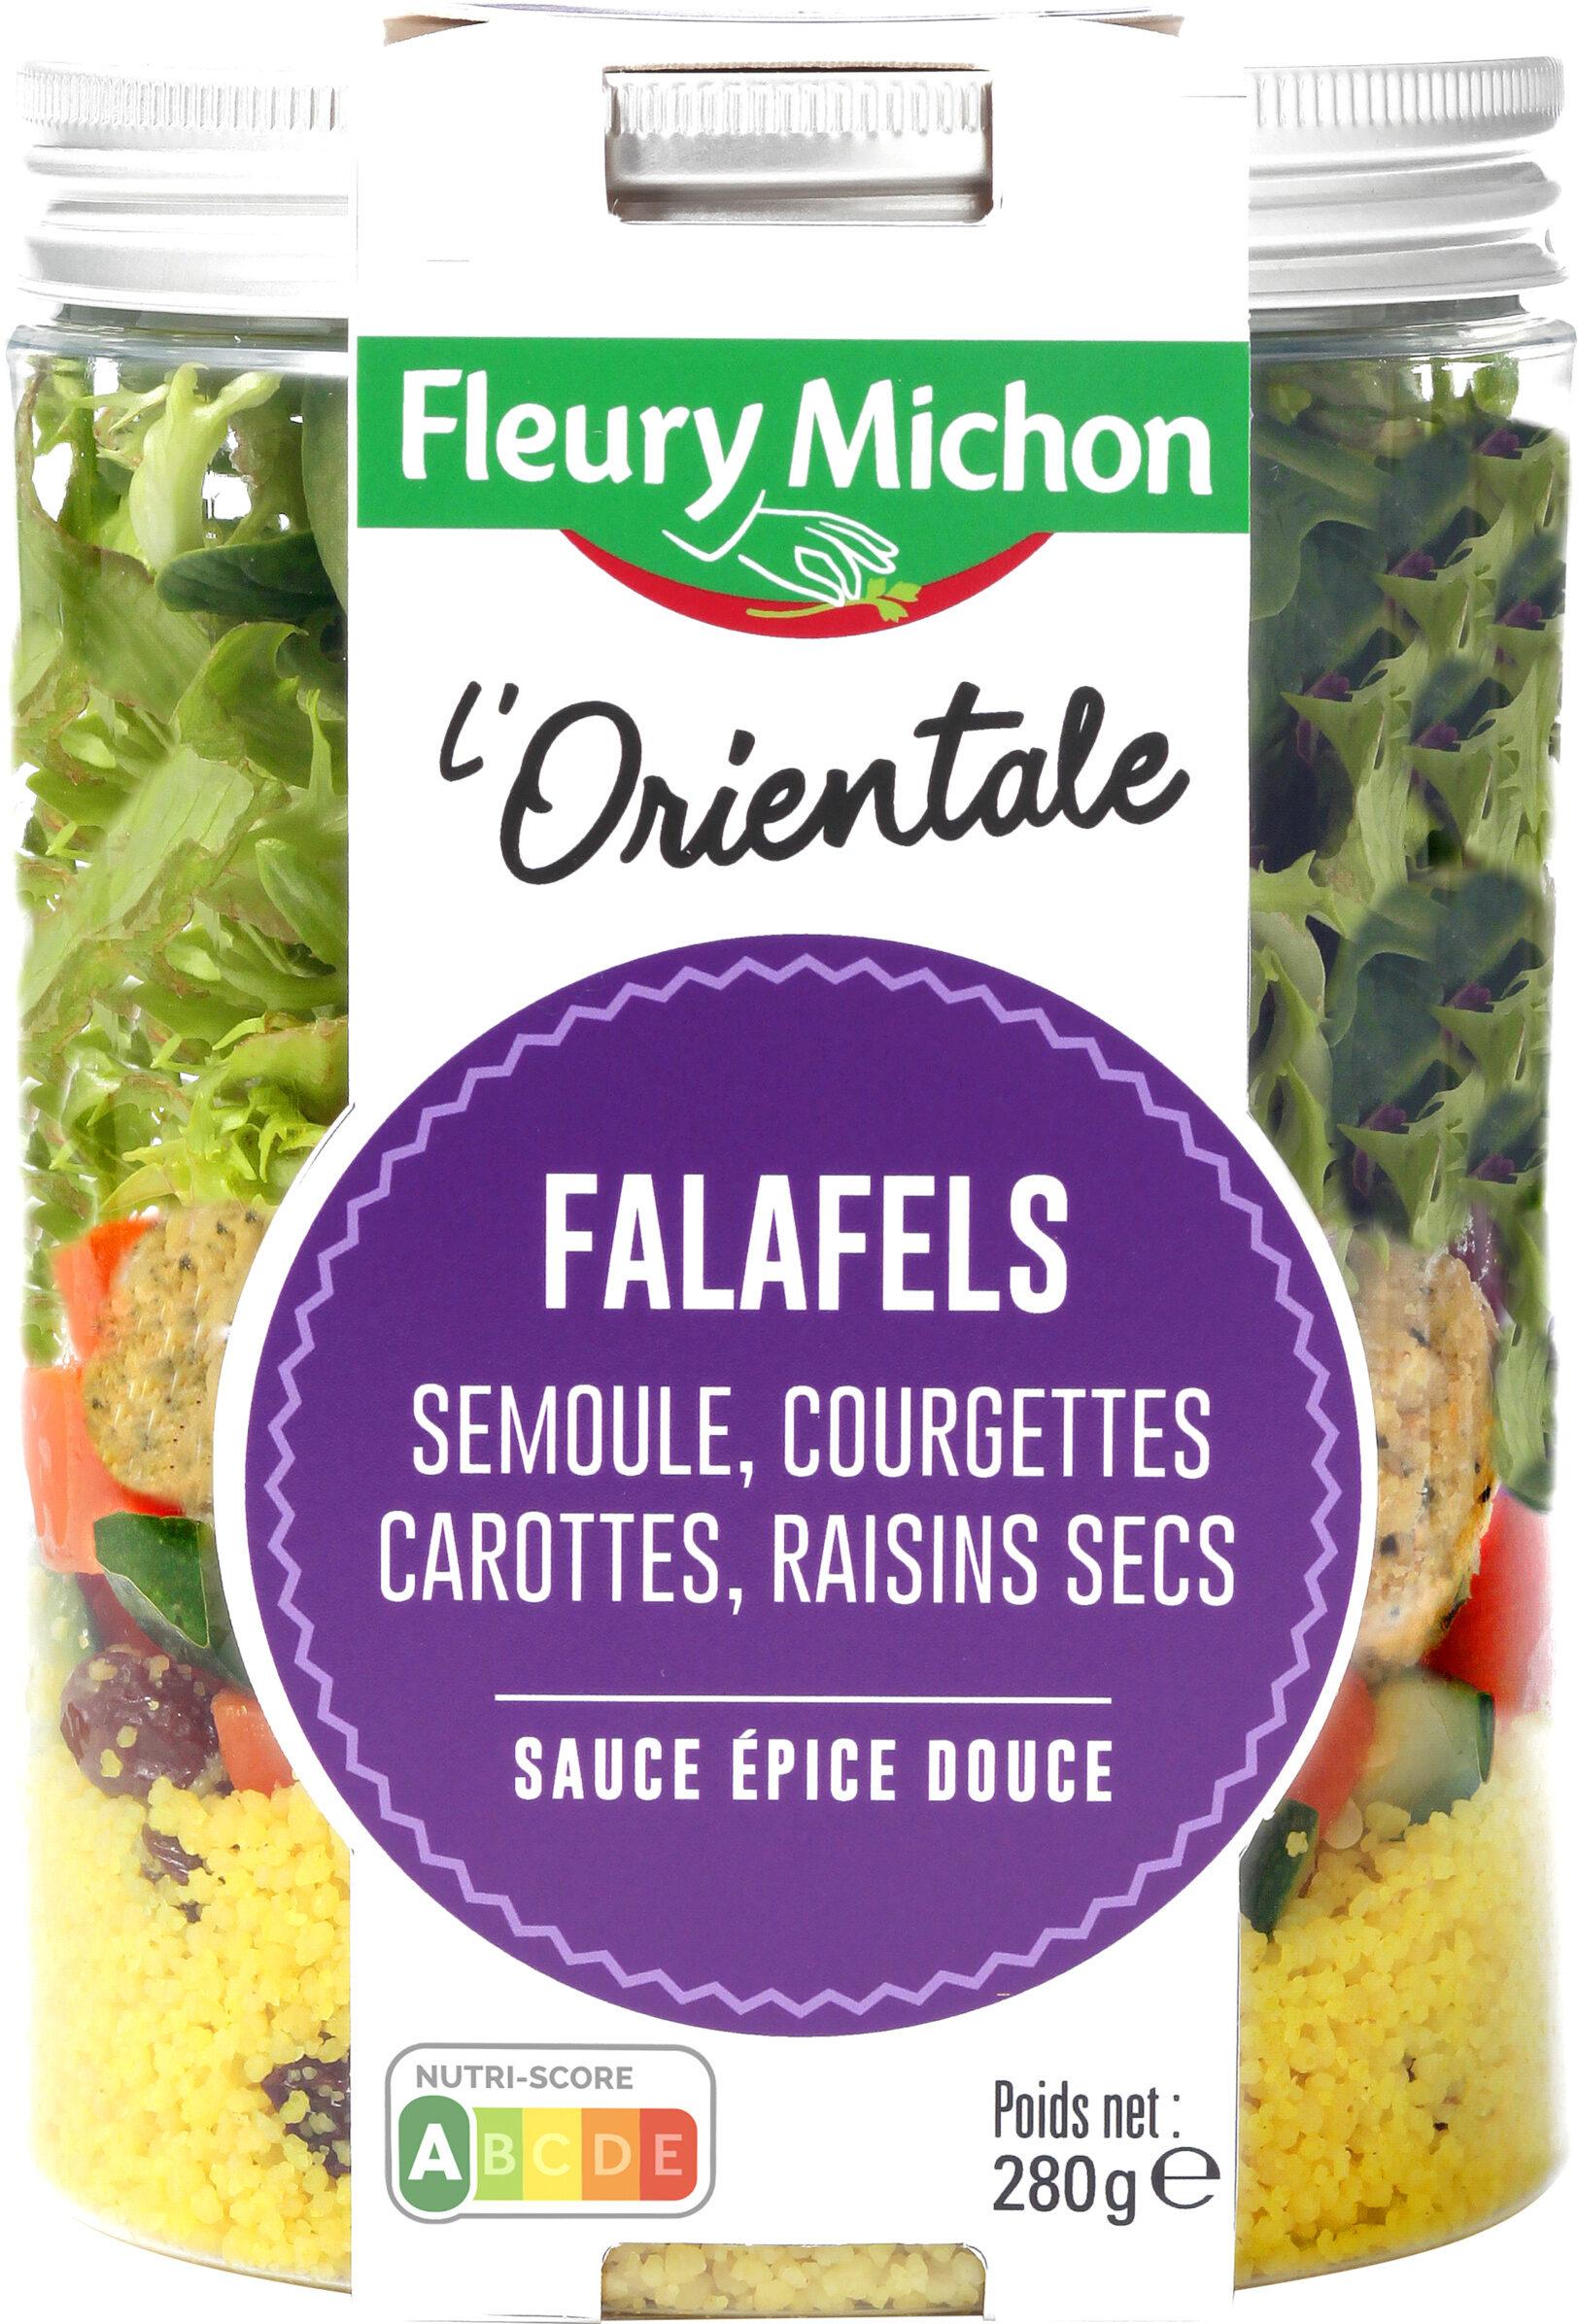 SALAD JAR - L'Orientale - Falafels, semoule, courgettes, carottes, raisins secs, sauce épice douce - Product - fr